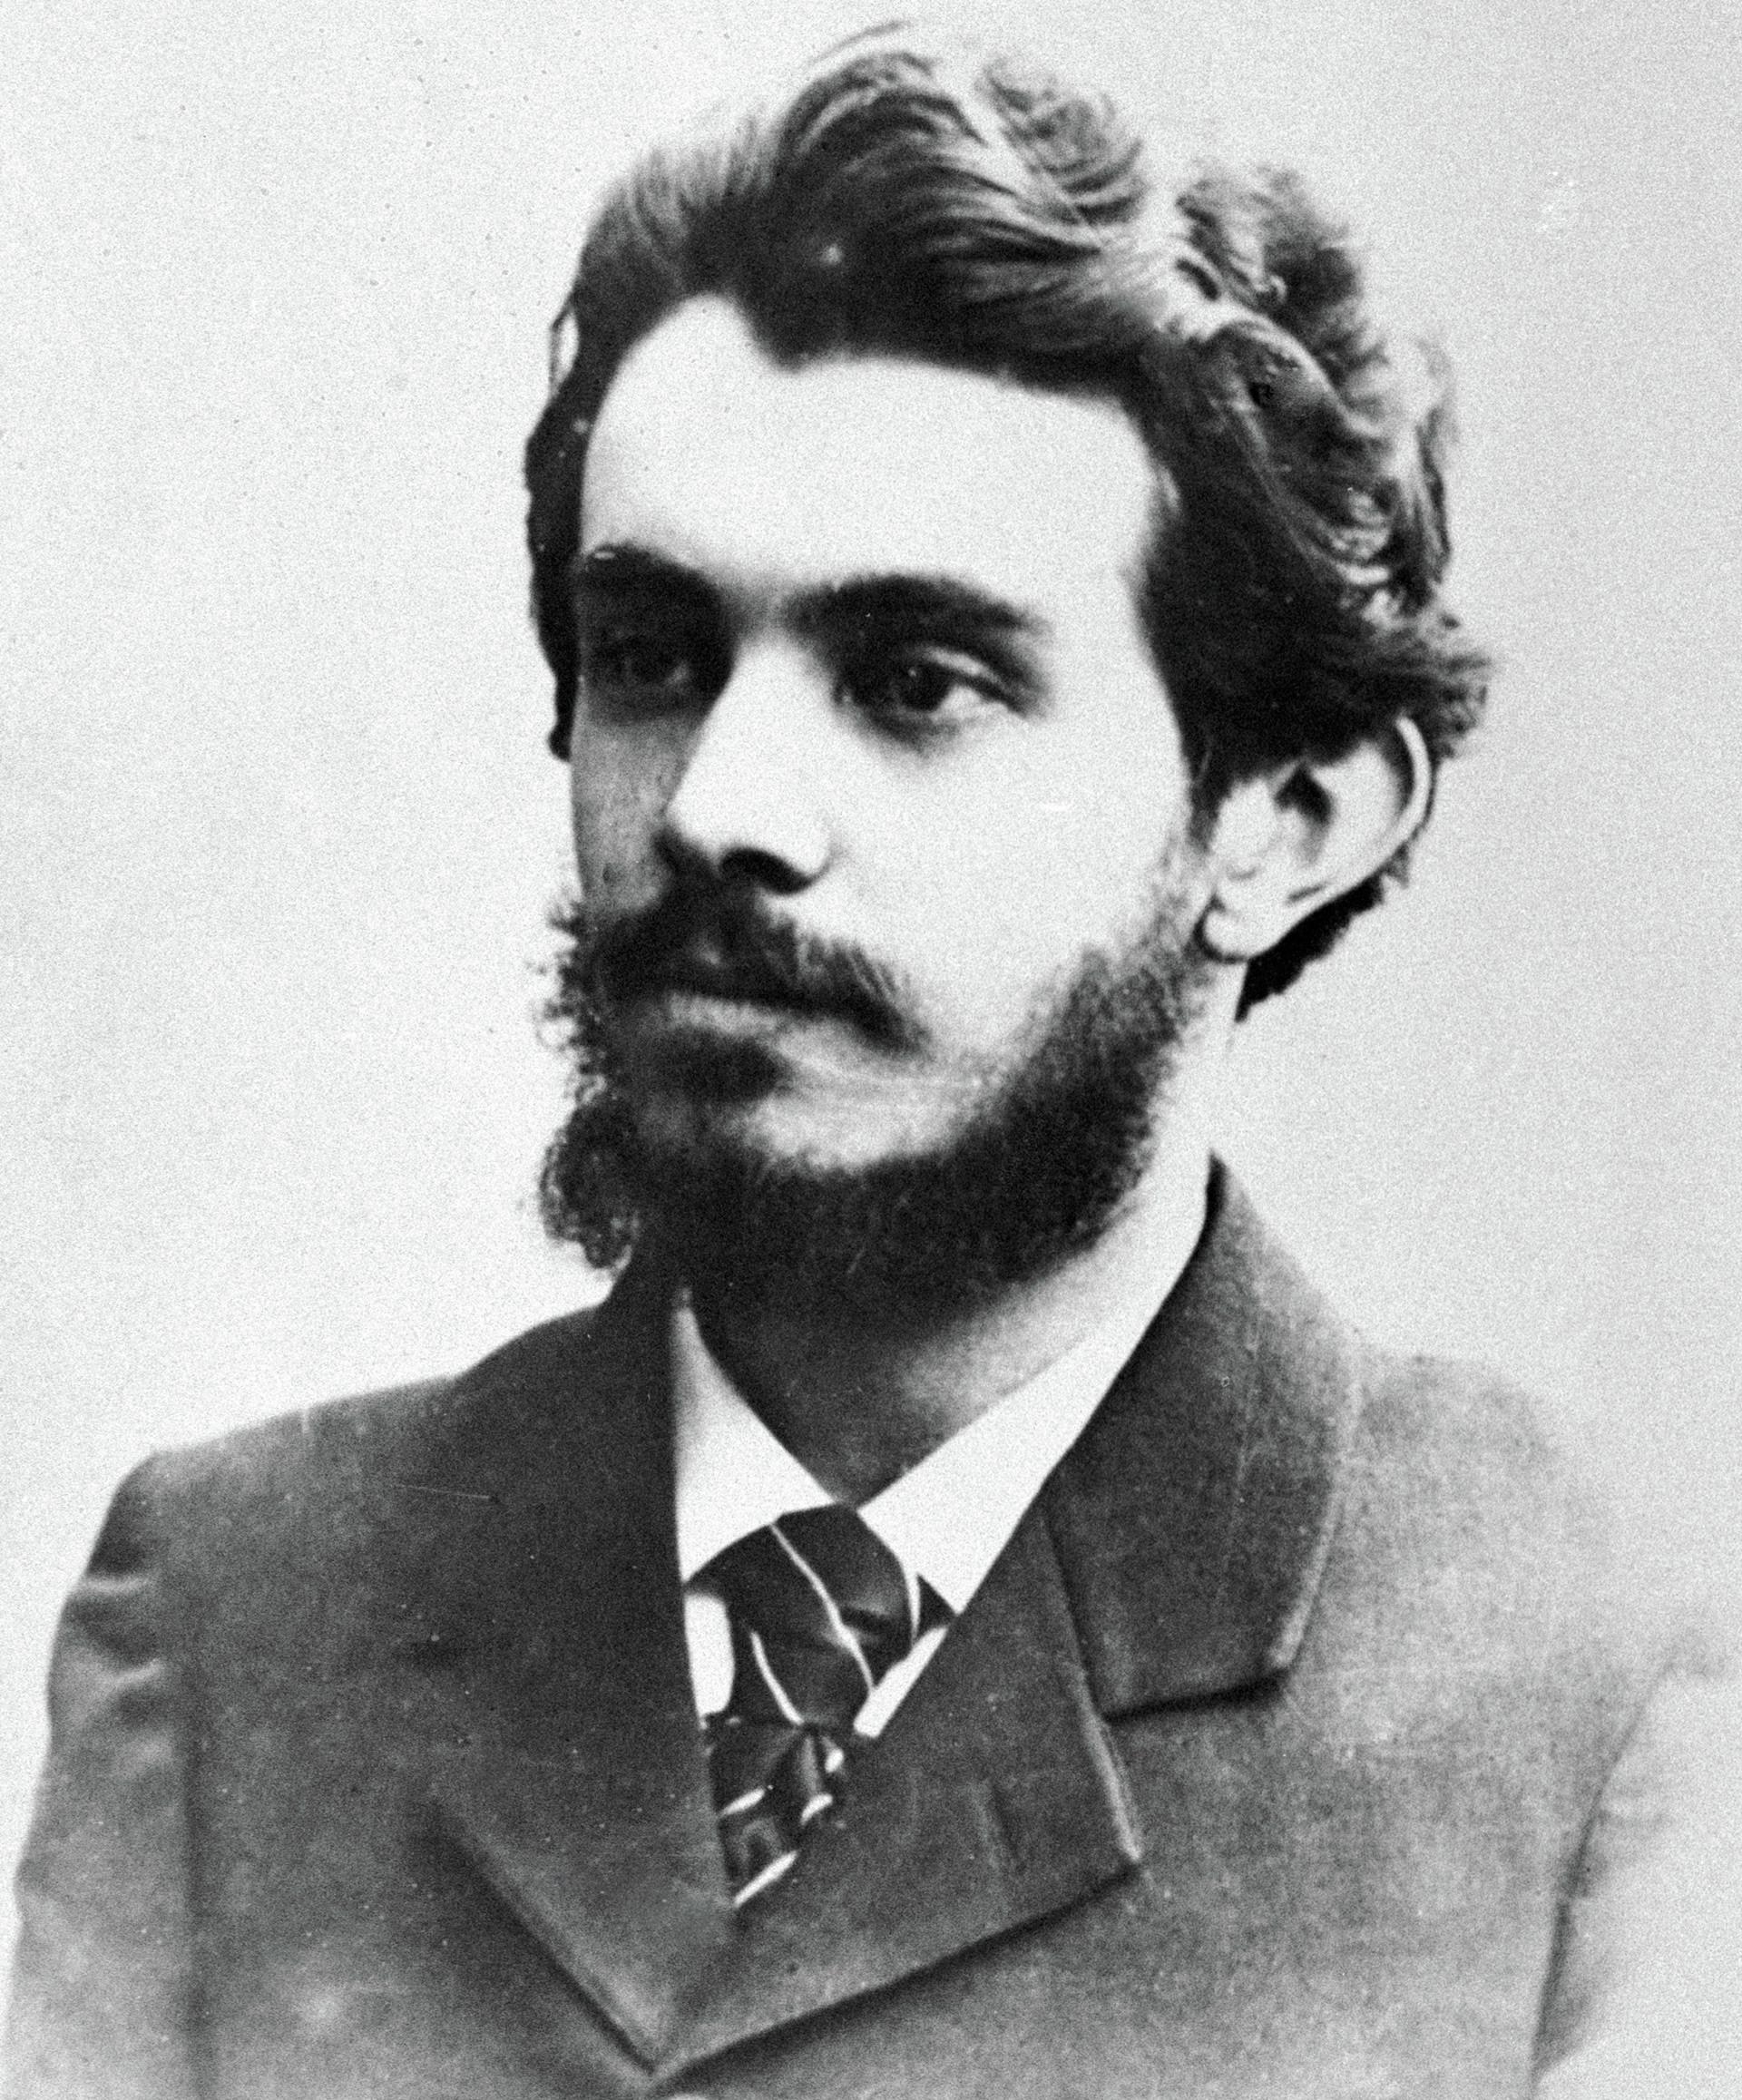 Руски филозоф Николај Берђајев.